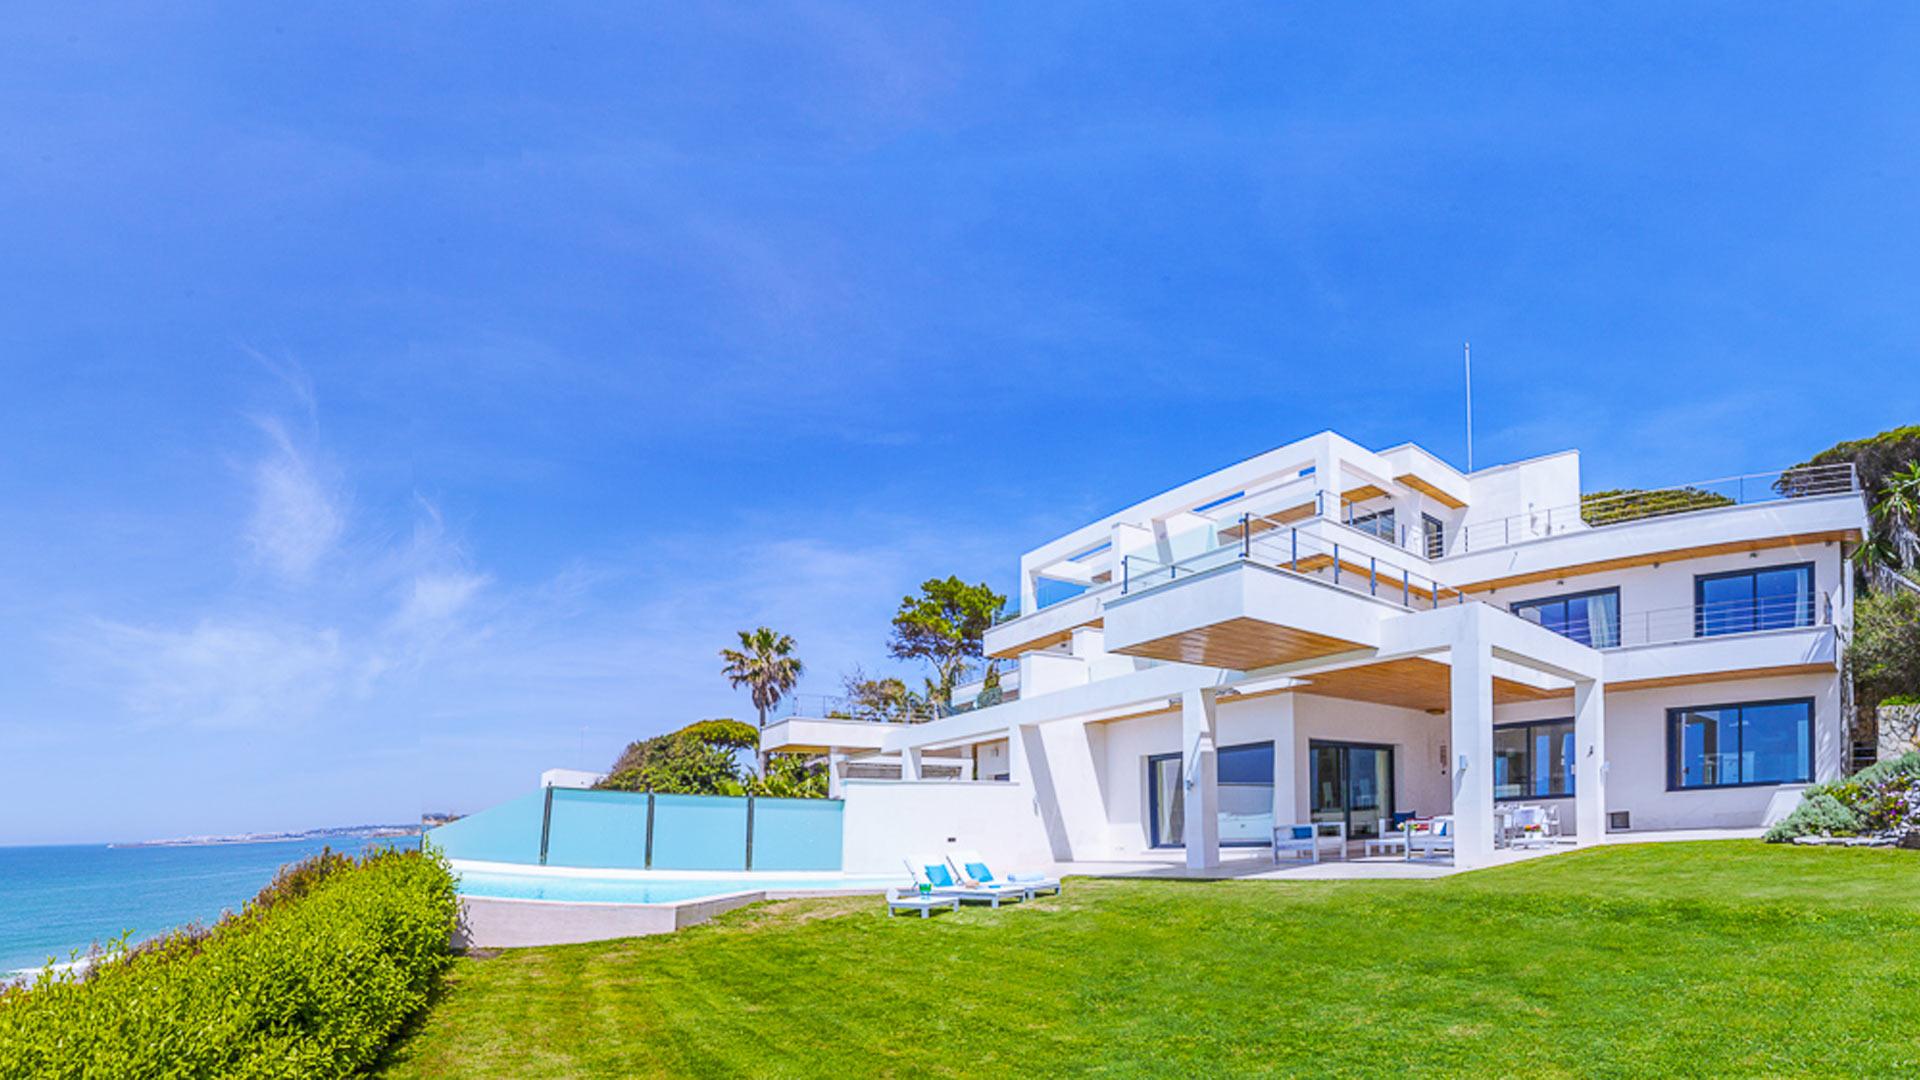 Villa cadiz alquiler de casa en andaluc a c diz villanovo - Casas de alquiler en cadiz ...